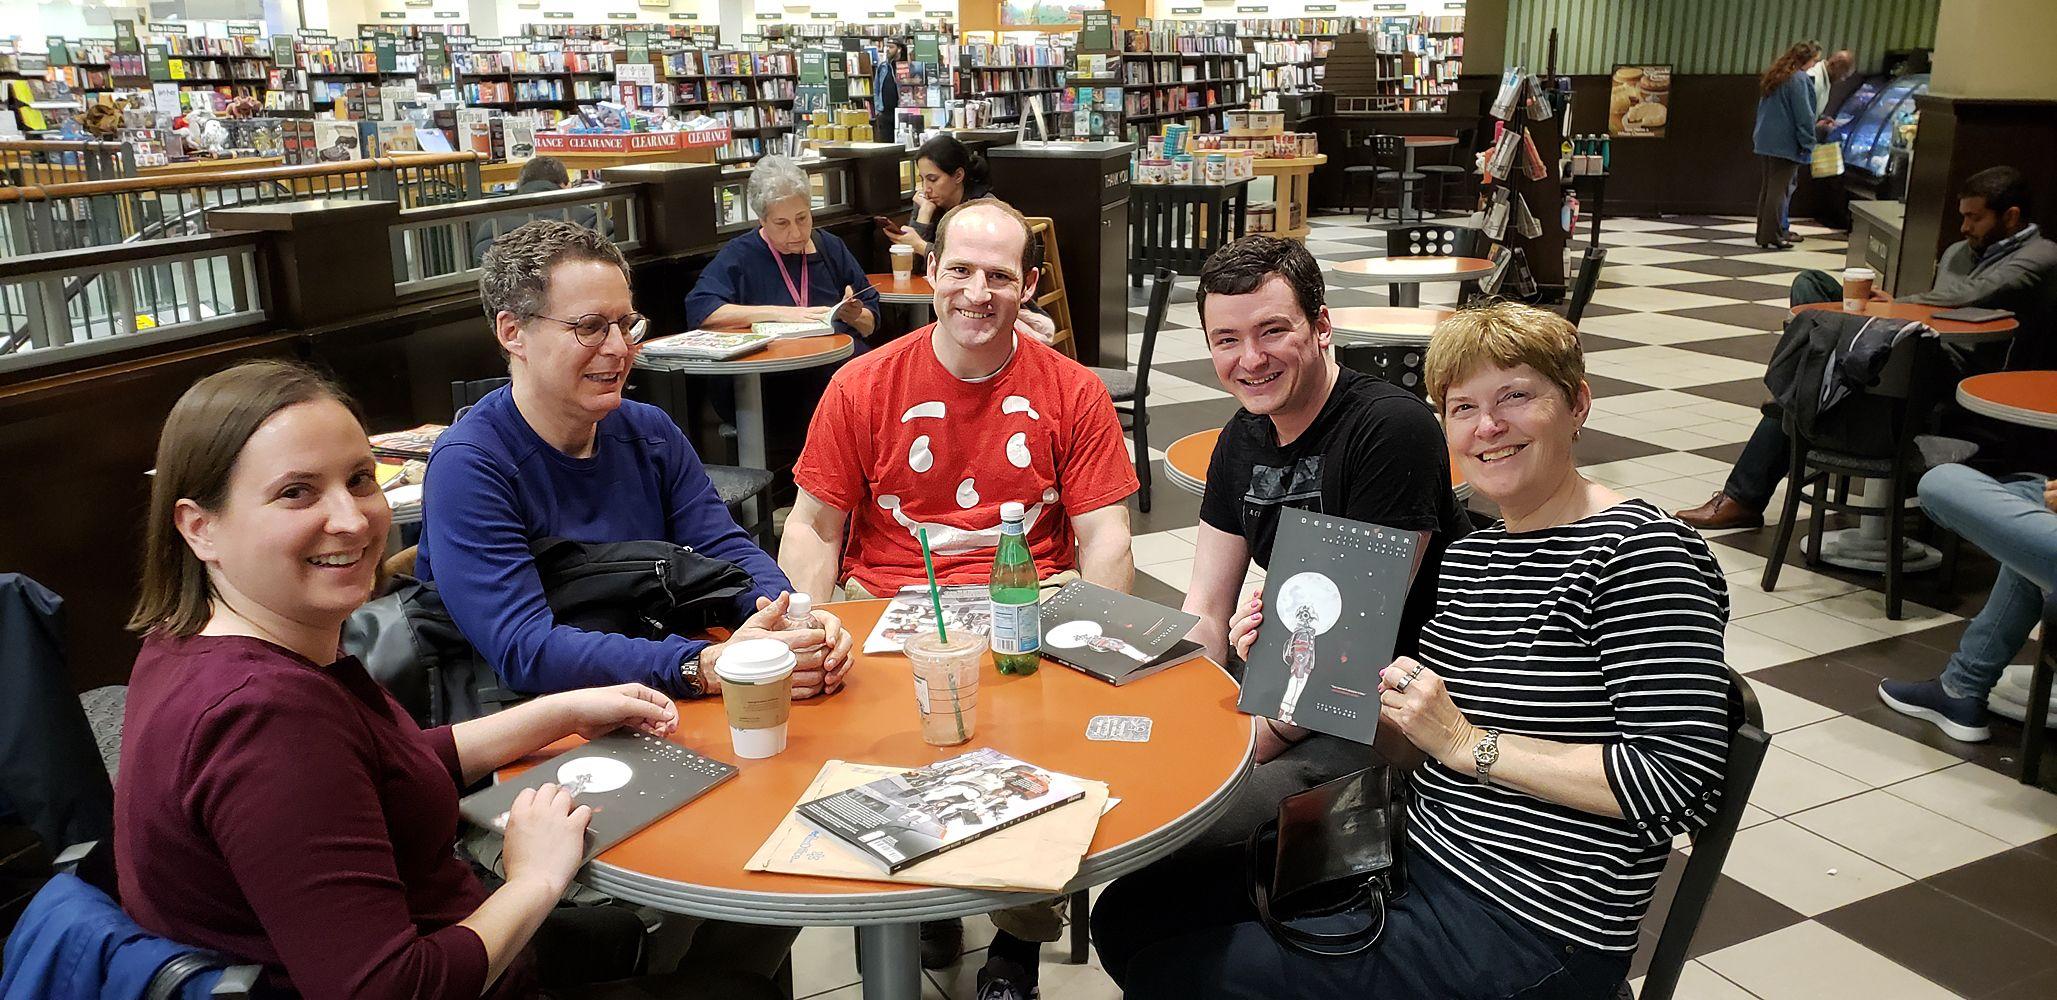 McLean Graphic Novel Book Club